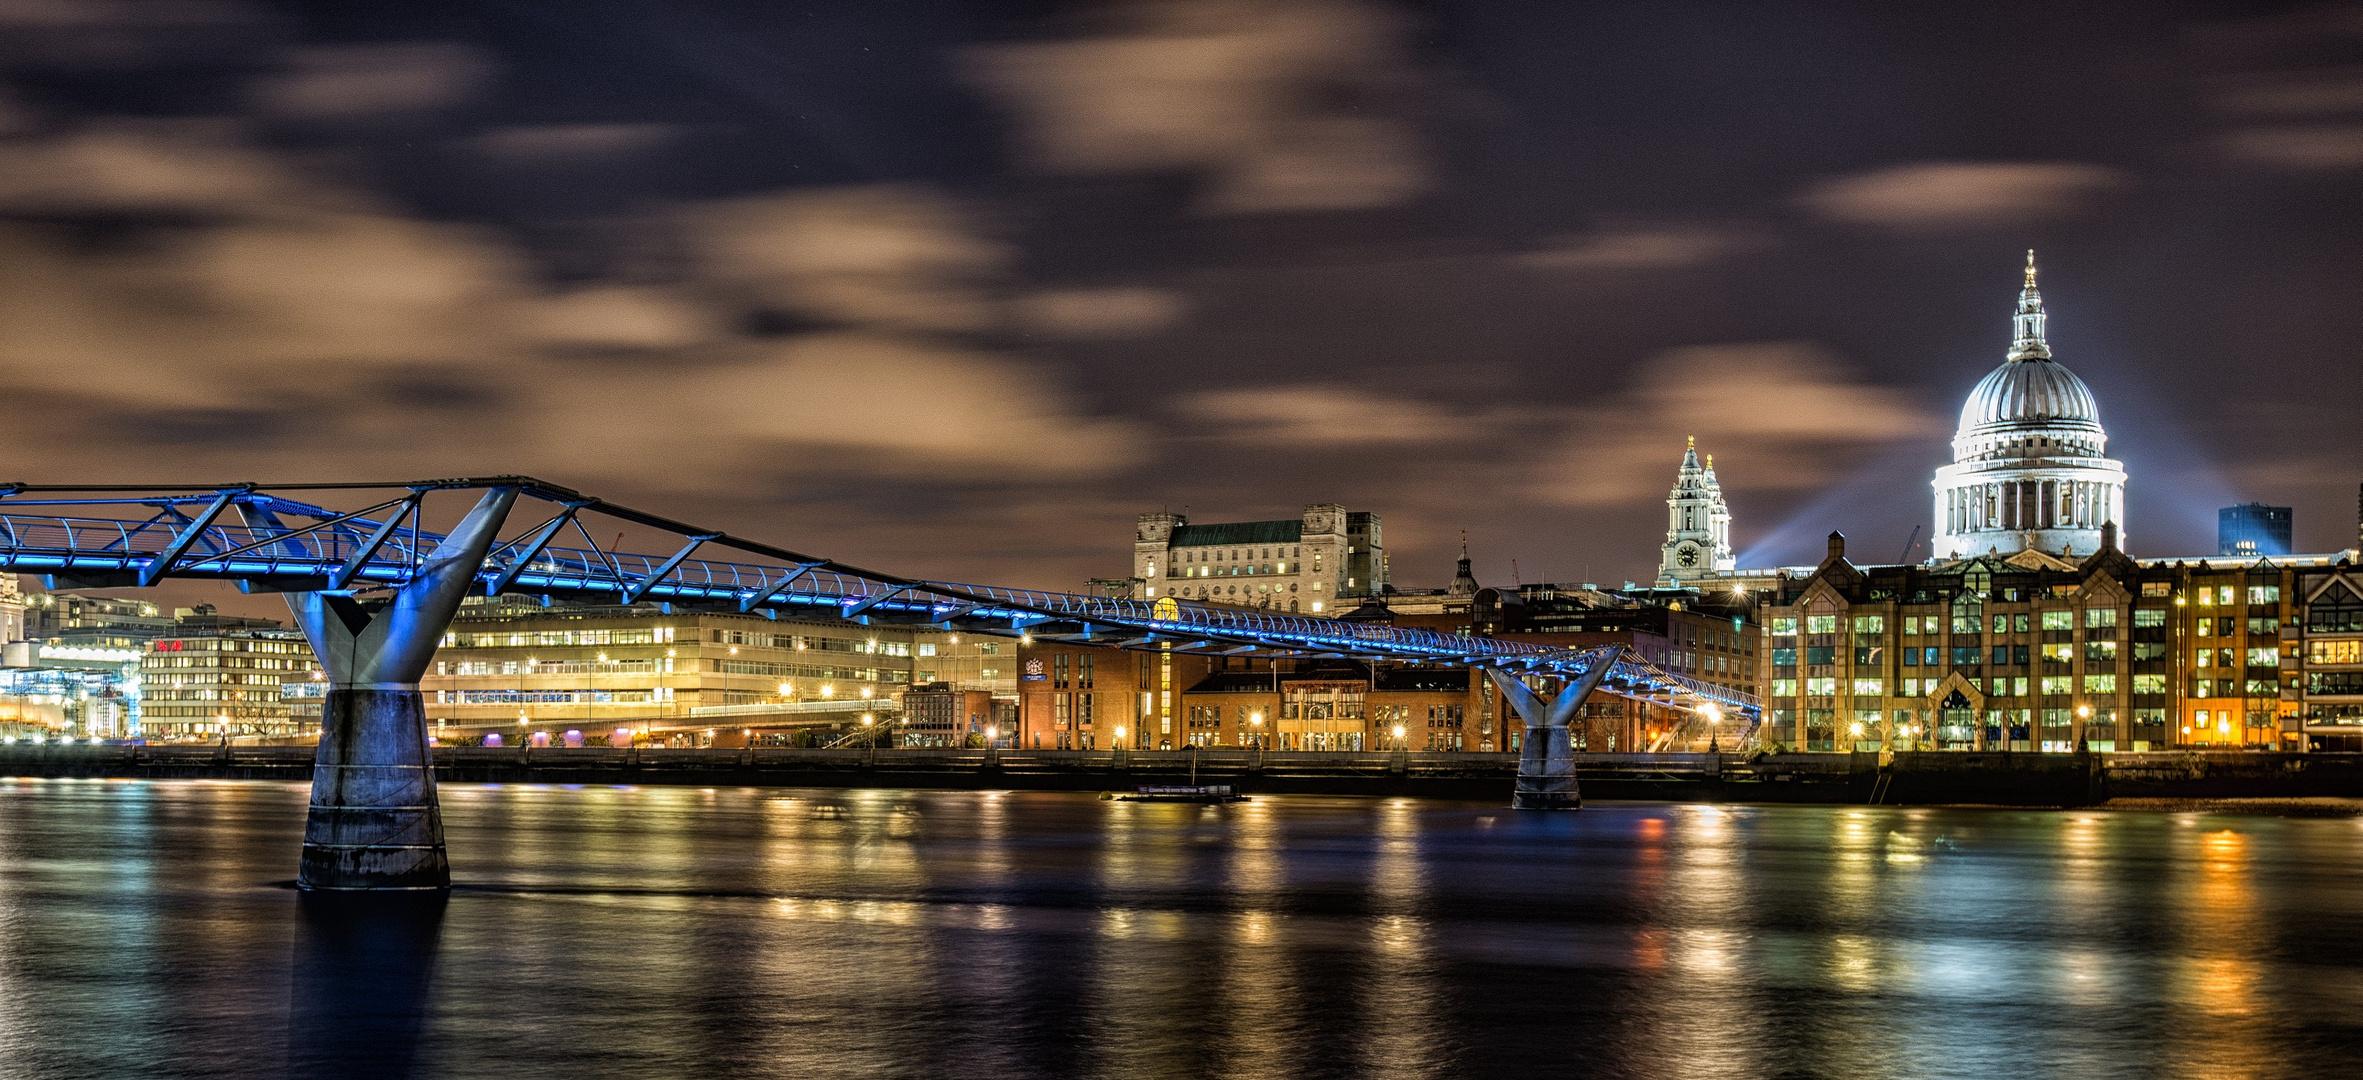 Millenium Bridge & St. Pauls